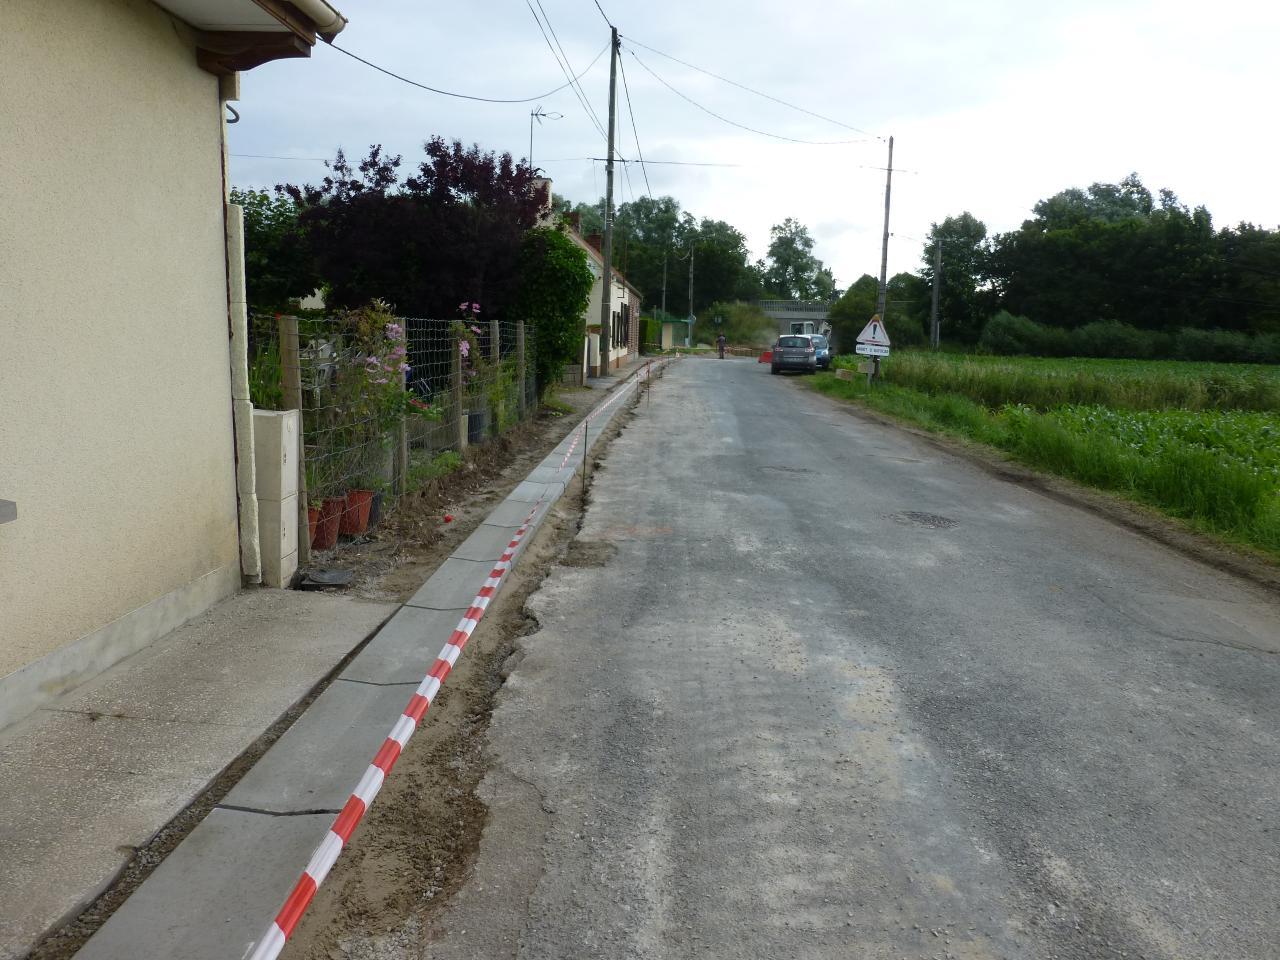 Rue de vincq phase 2 (5)